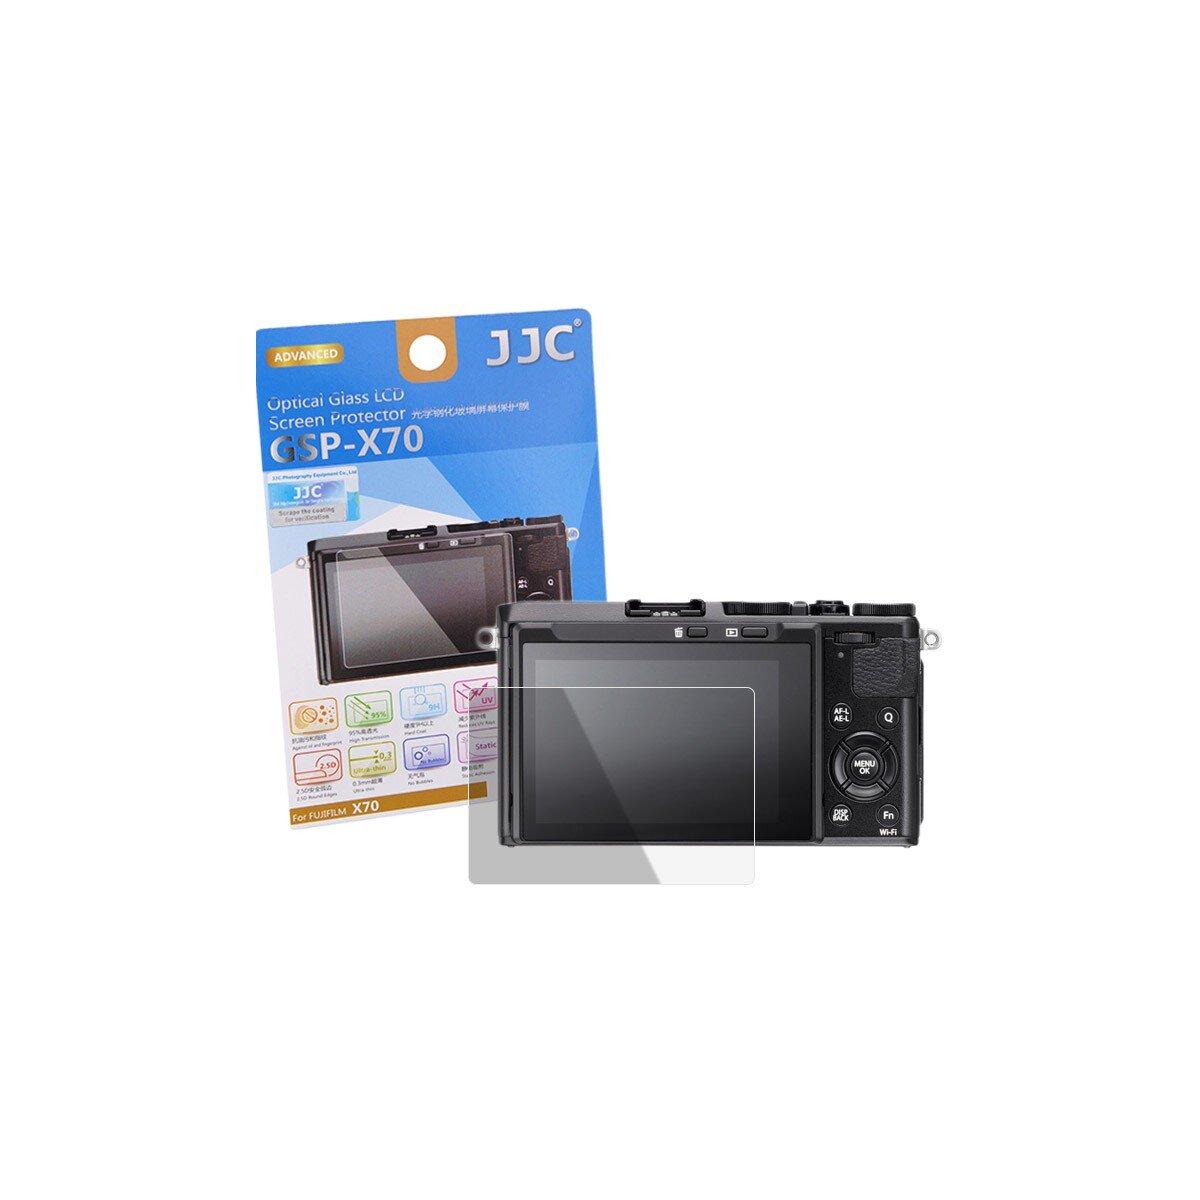 JJC Hochwertiger Displayschutz Screen Protector aus gehaertetem Echtglas, passend für Fujifilm X70